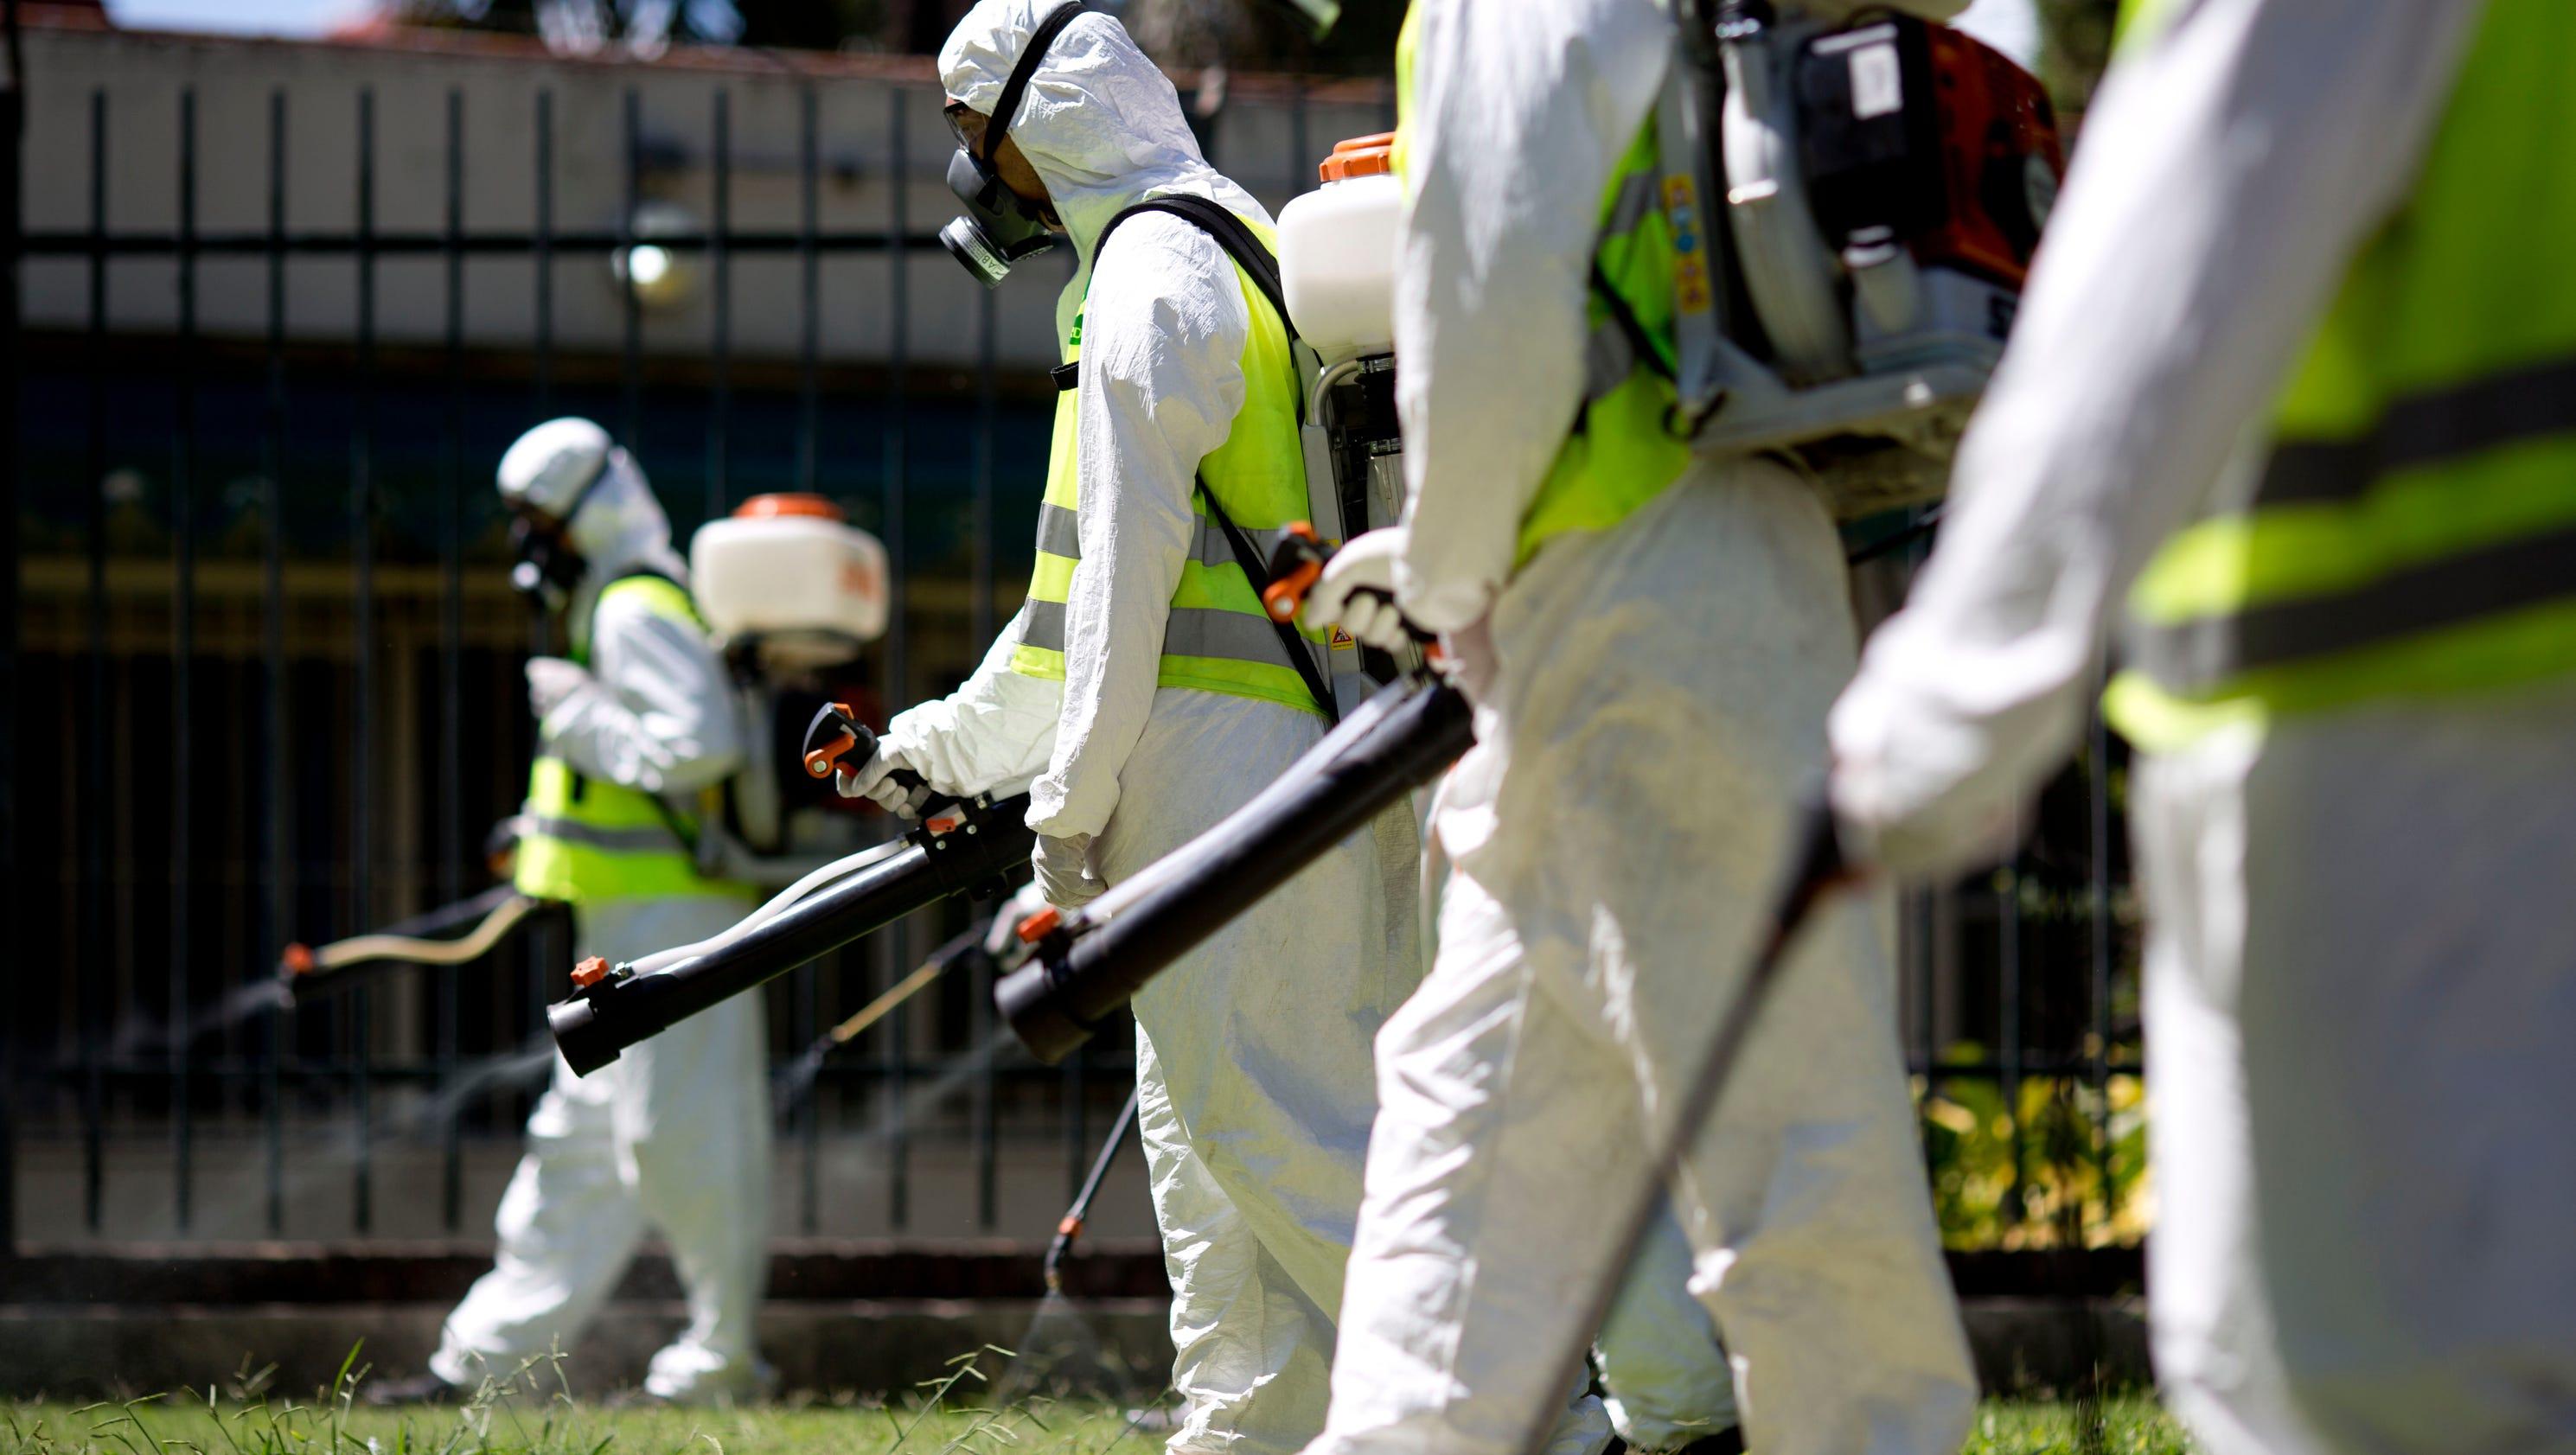 USA must prepare for Zika Virus